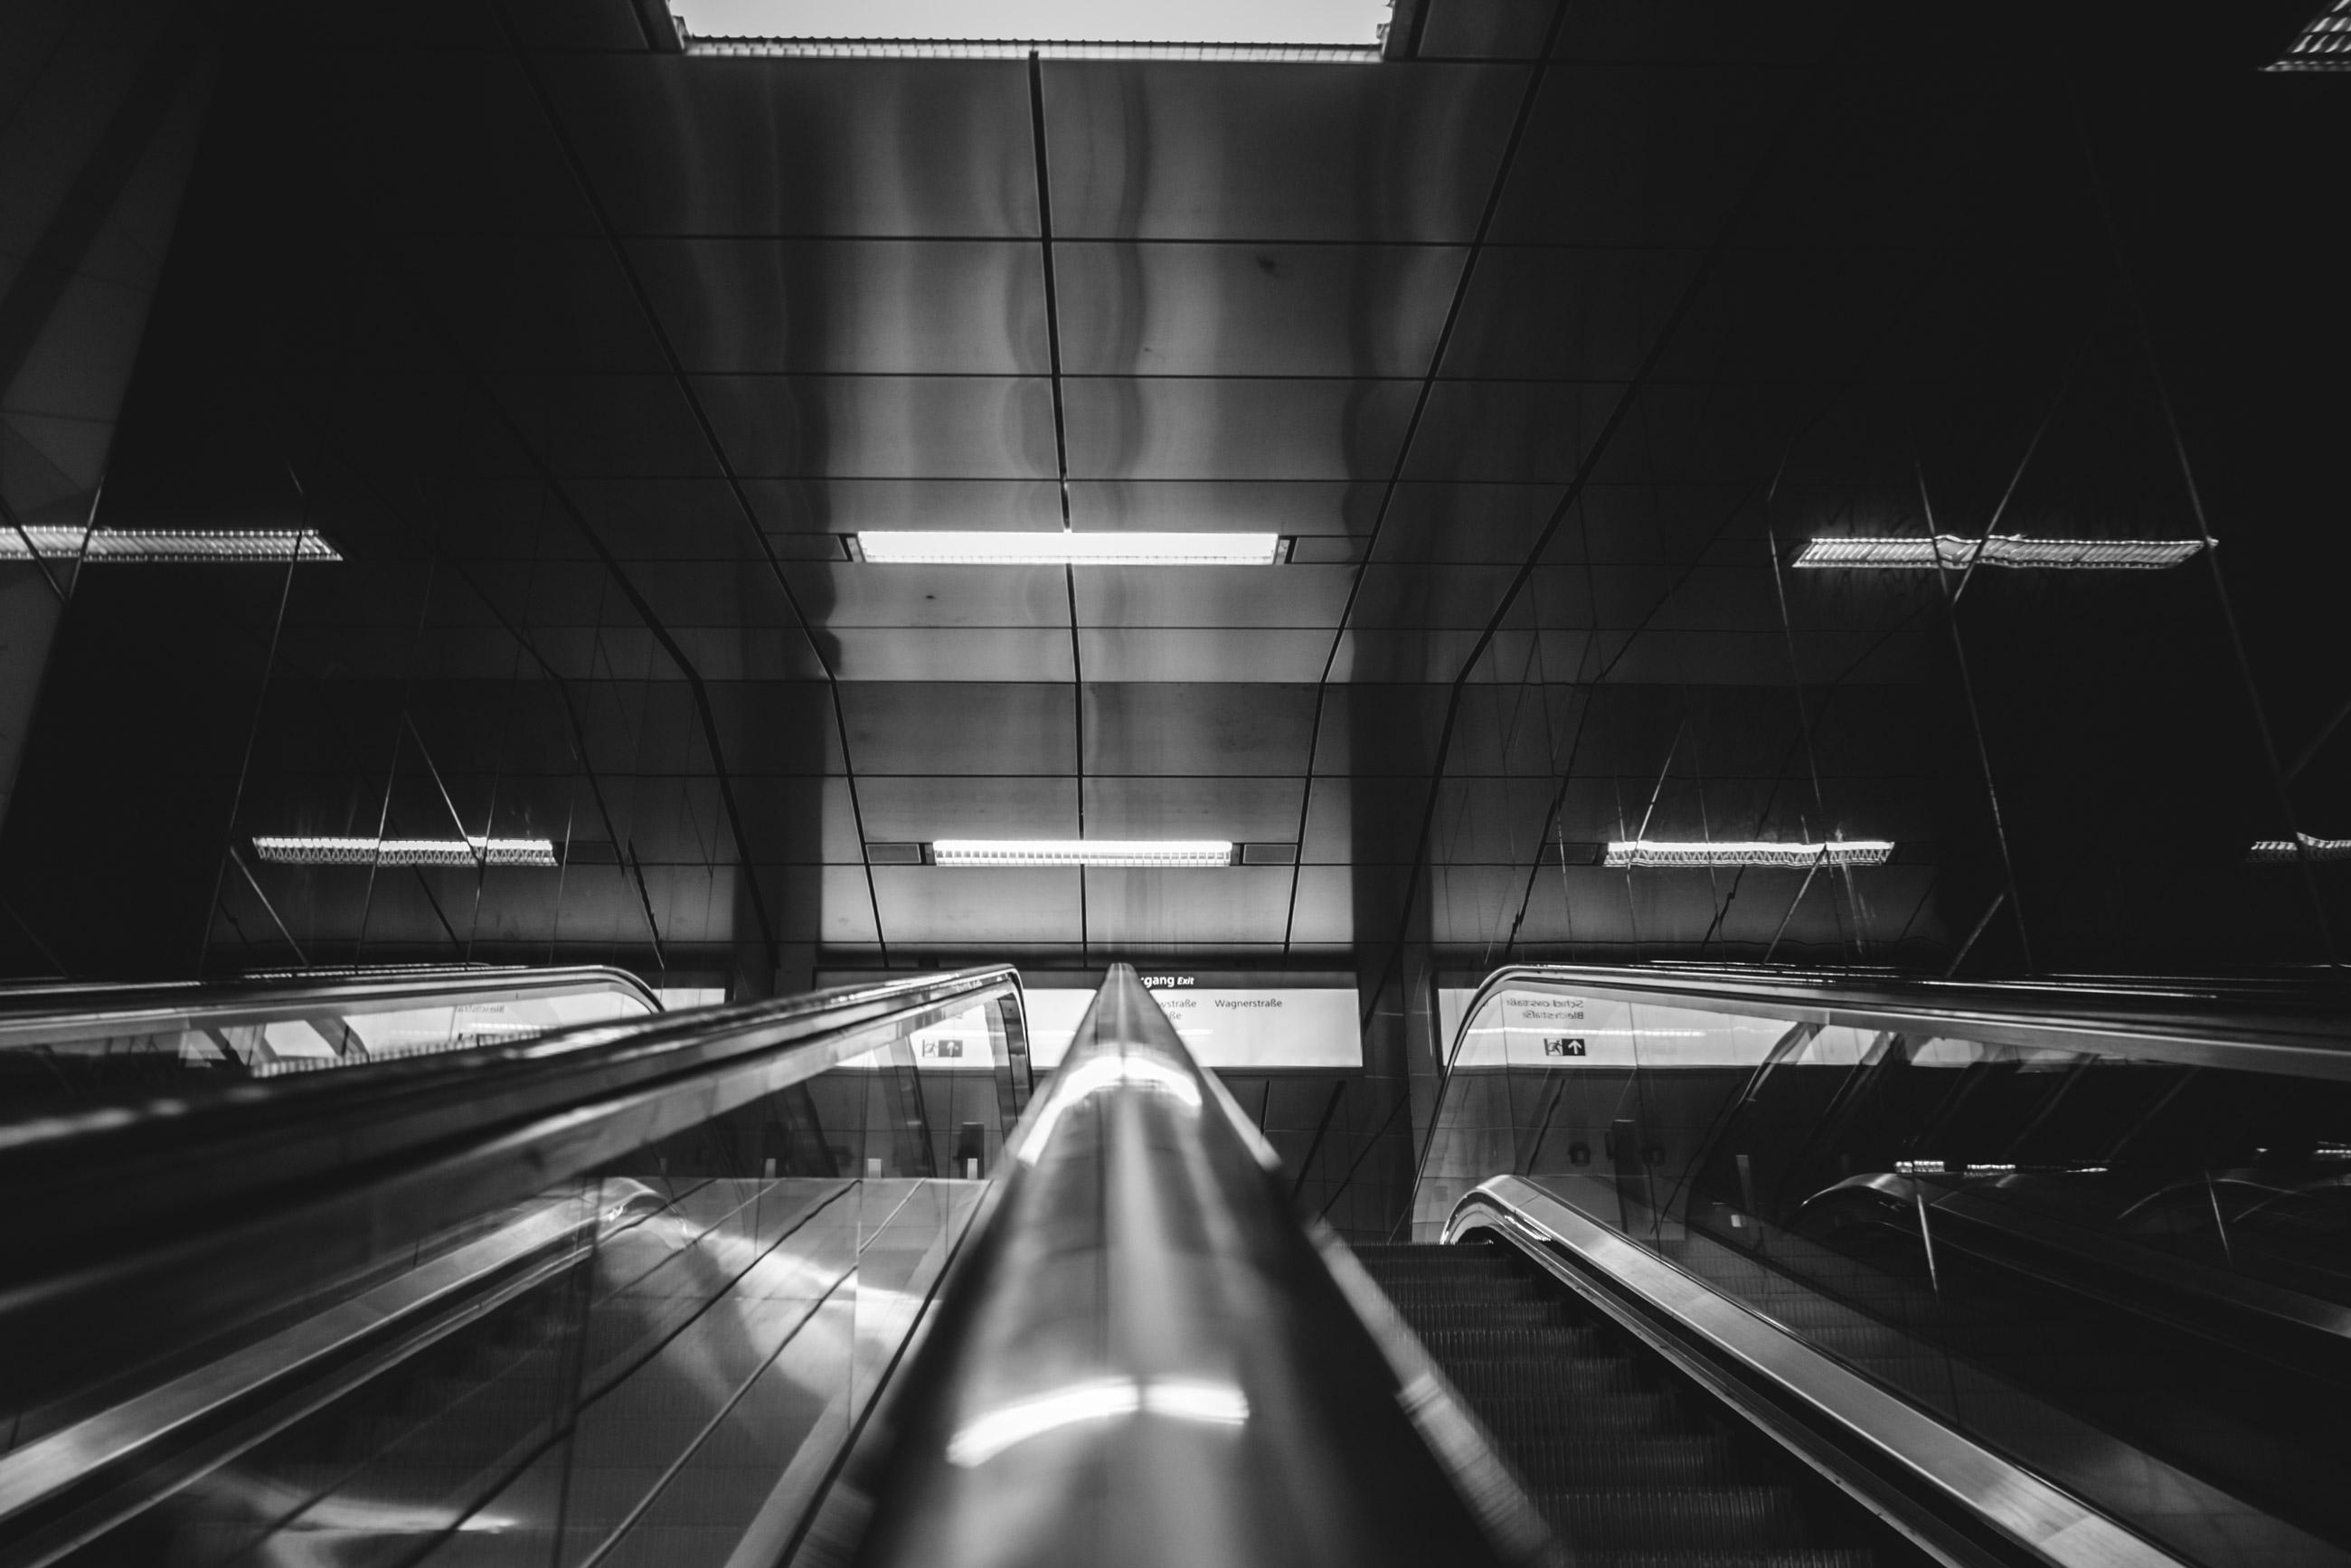 U Bahnhof Rolltreppe Schadowstrasse